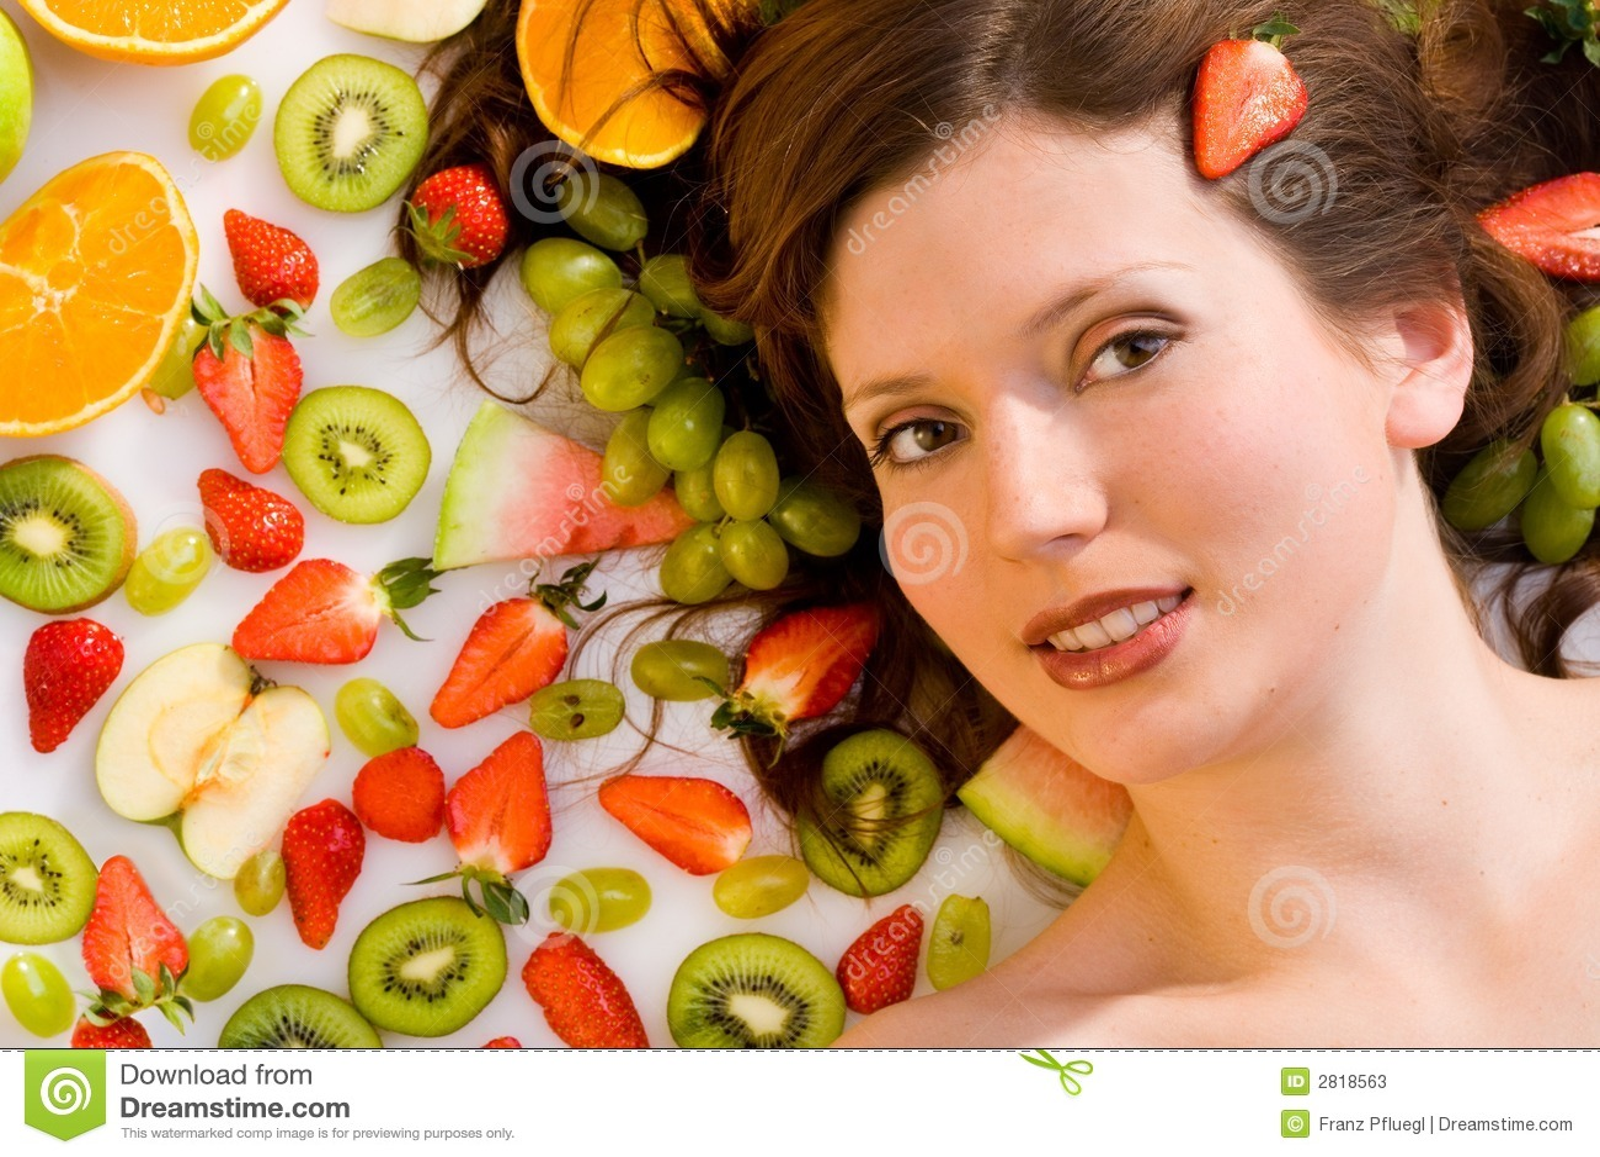 Je suis un fruit